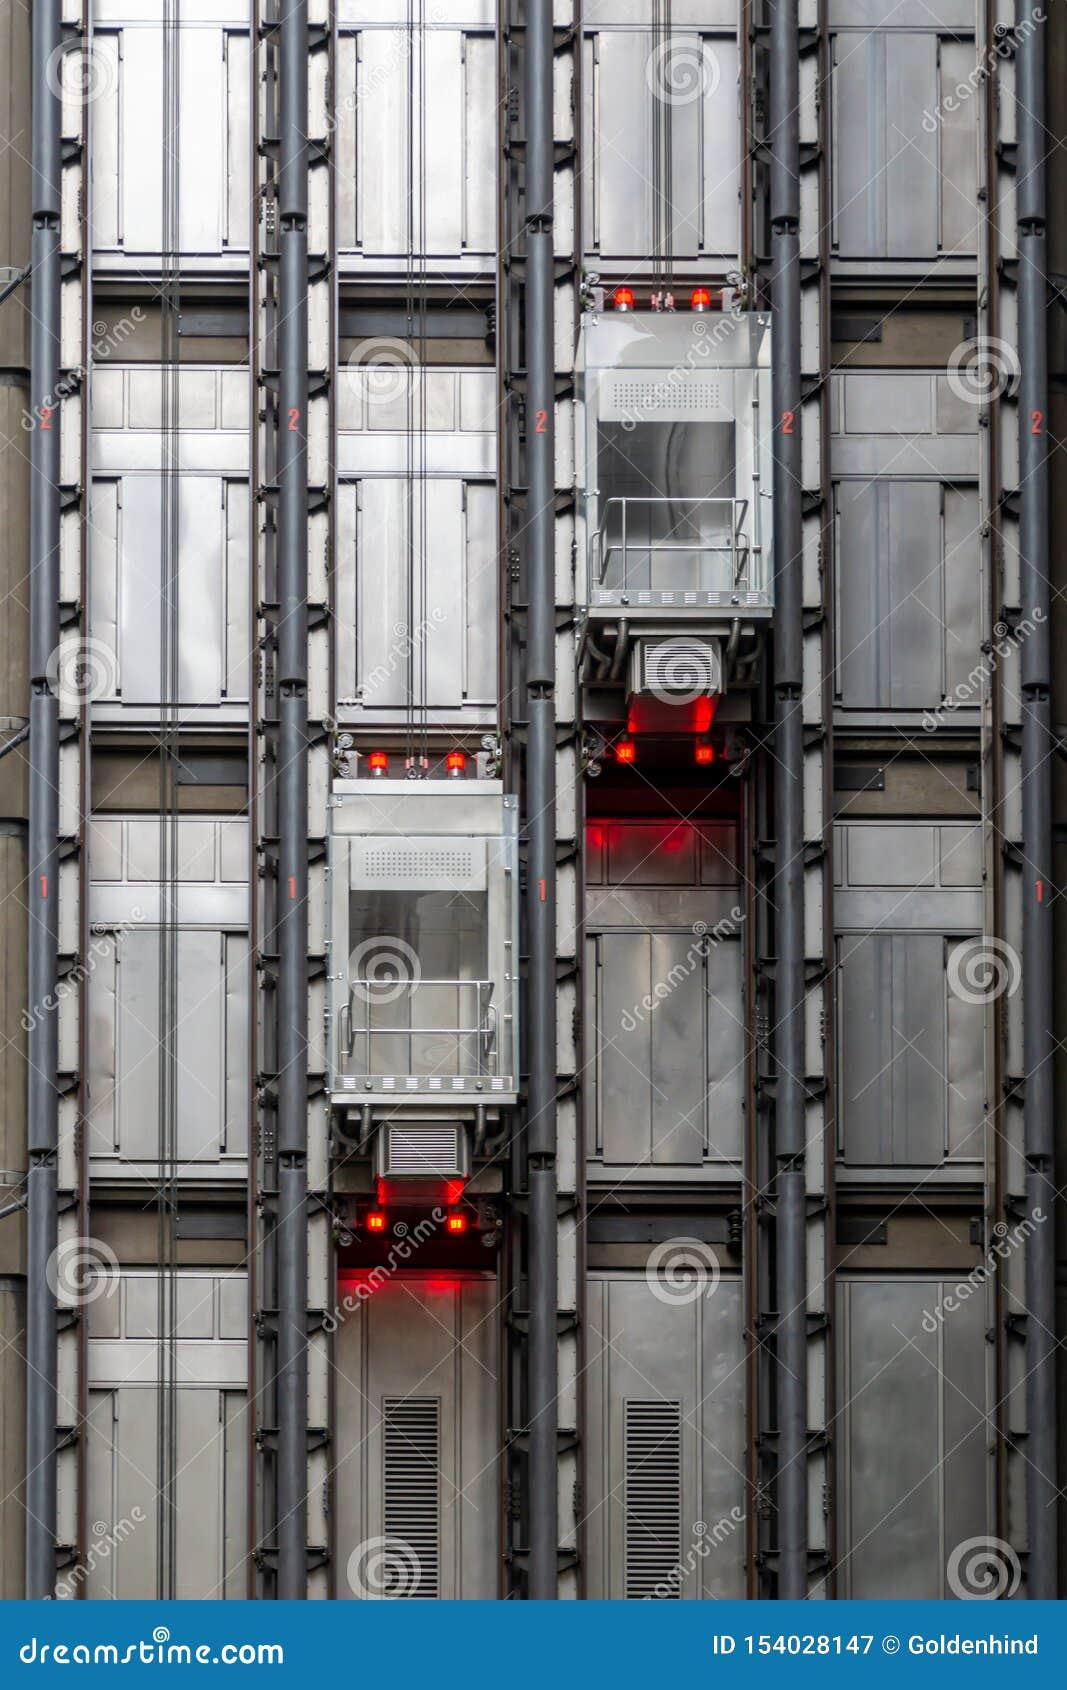 Two elevator cabins in a skyscraper